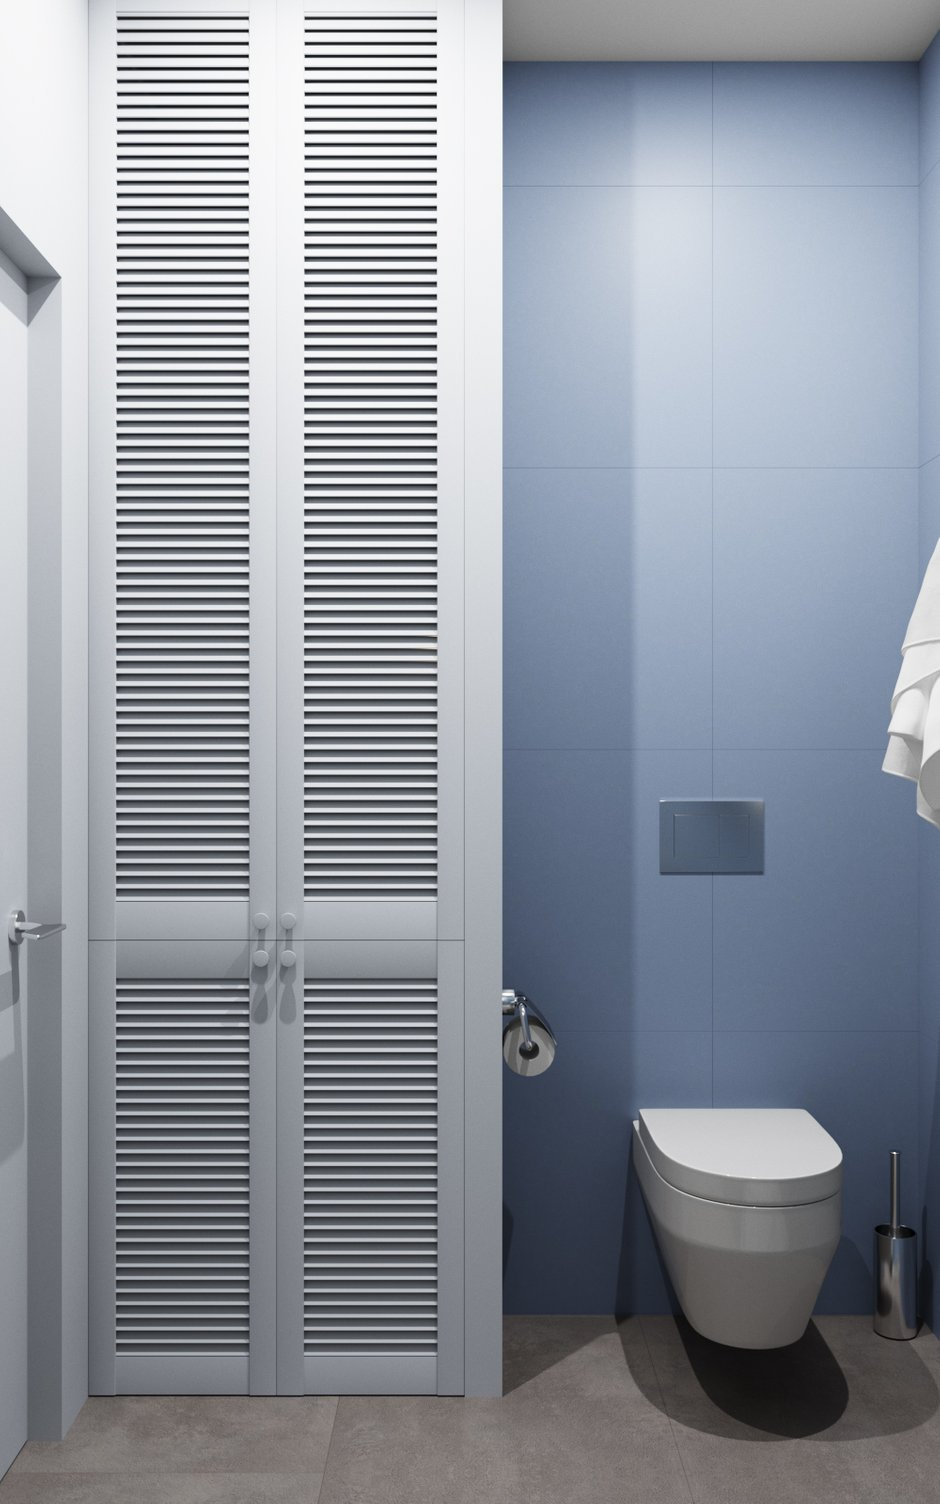 Фотография: Ванная в стиле Минимализм, Современный, Квартира, Студия, Белый, Проект недели, Серый, Голубой, до 40 метров, ПРЕМИЯ INMYROOM, Олеся Еранцева – фото на INMYROOM